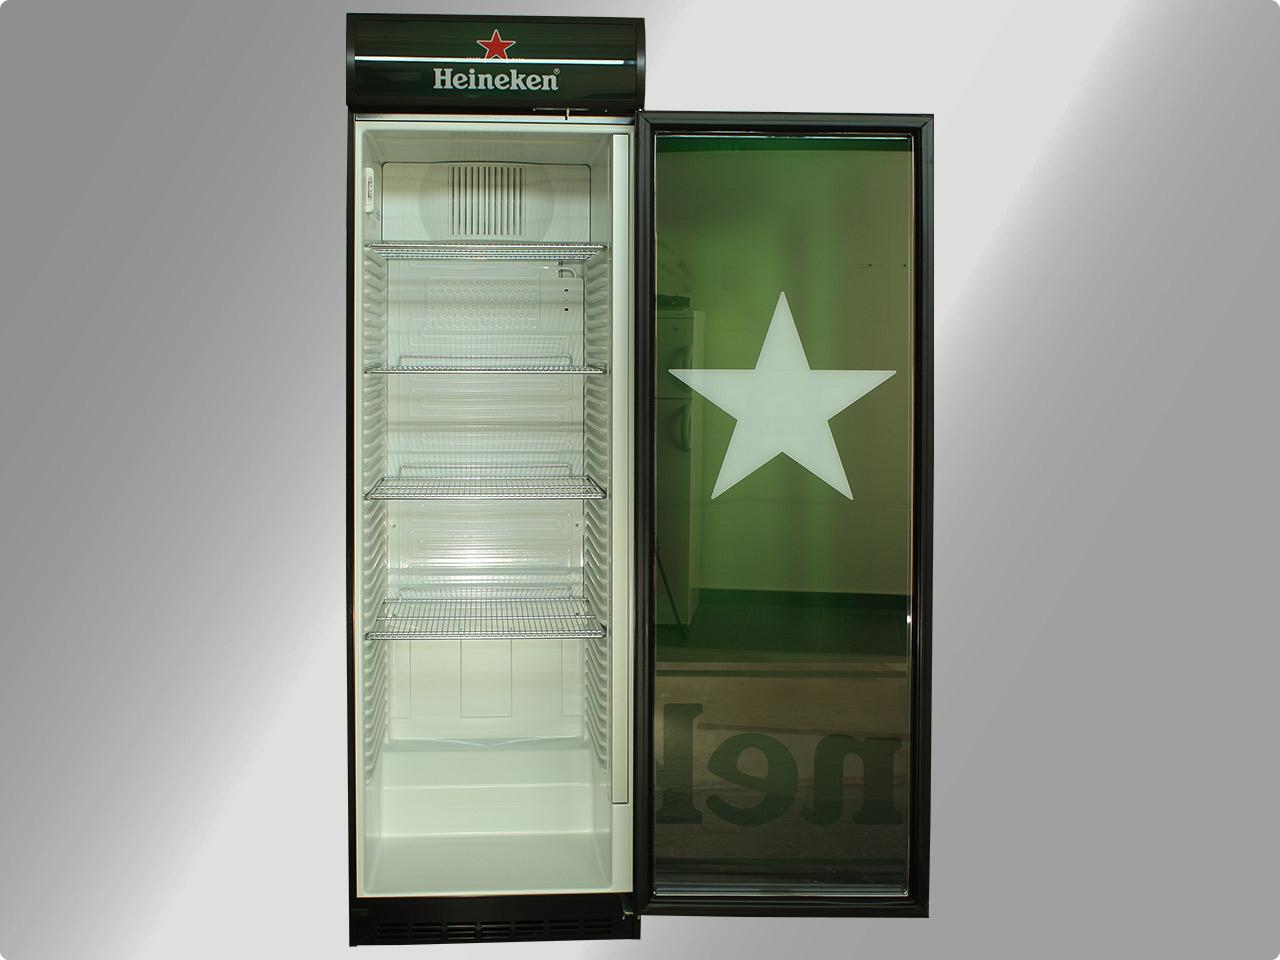 Kleiner Getränkekühlschrank : Kleiner getränkekühlschrank alternative küchen haus dekoration